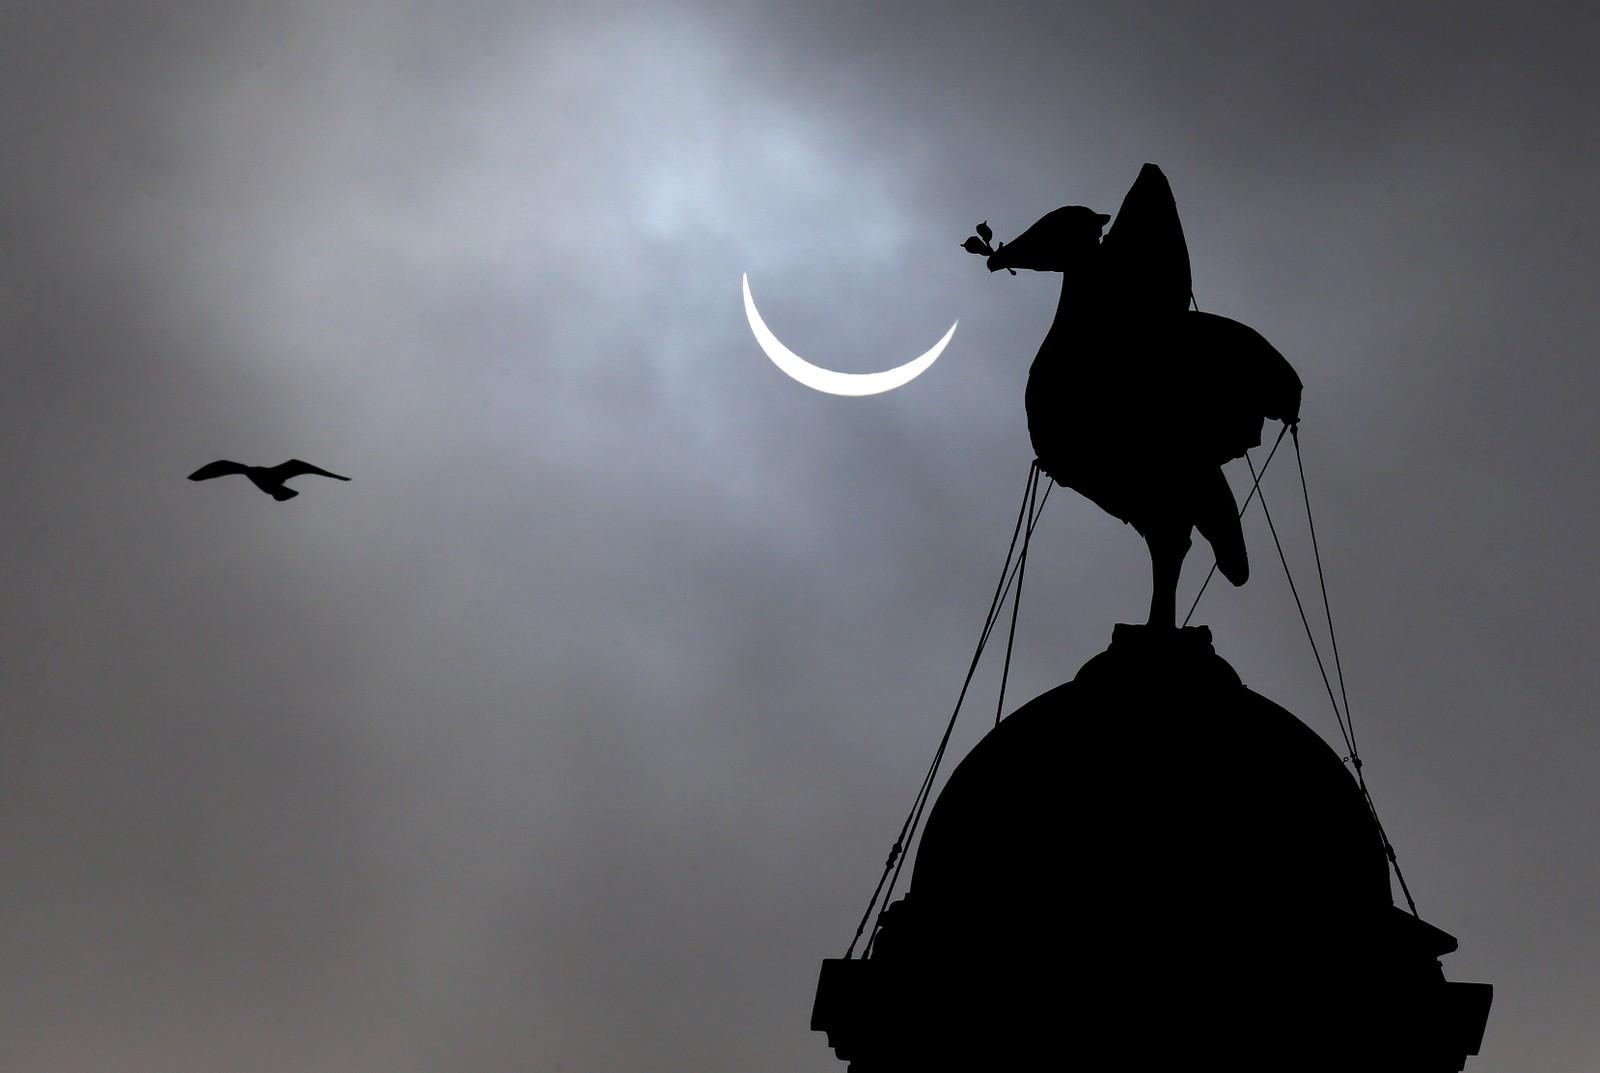 Solformørkelsen sett fra Liver-bygningen i Liverpool.